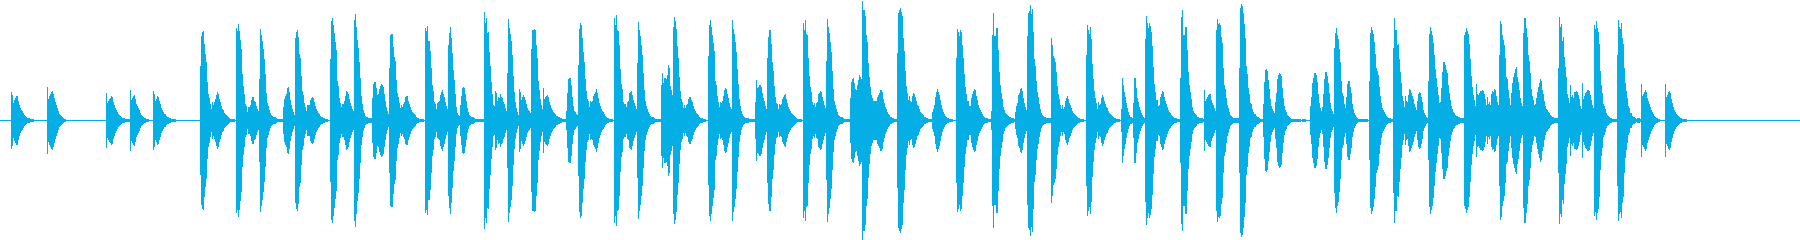 コミカルな場面で使えそうな木琴の曲の再生済みの波形